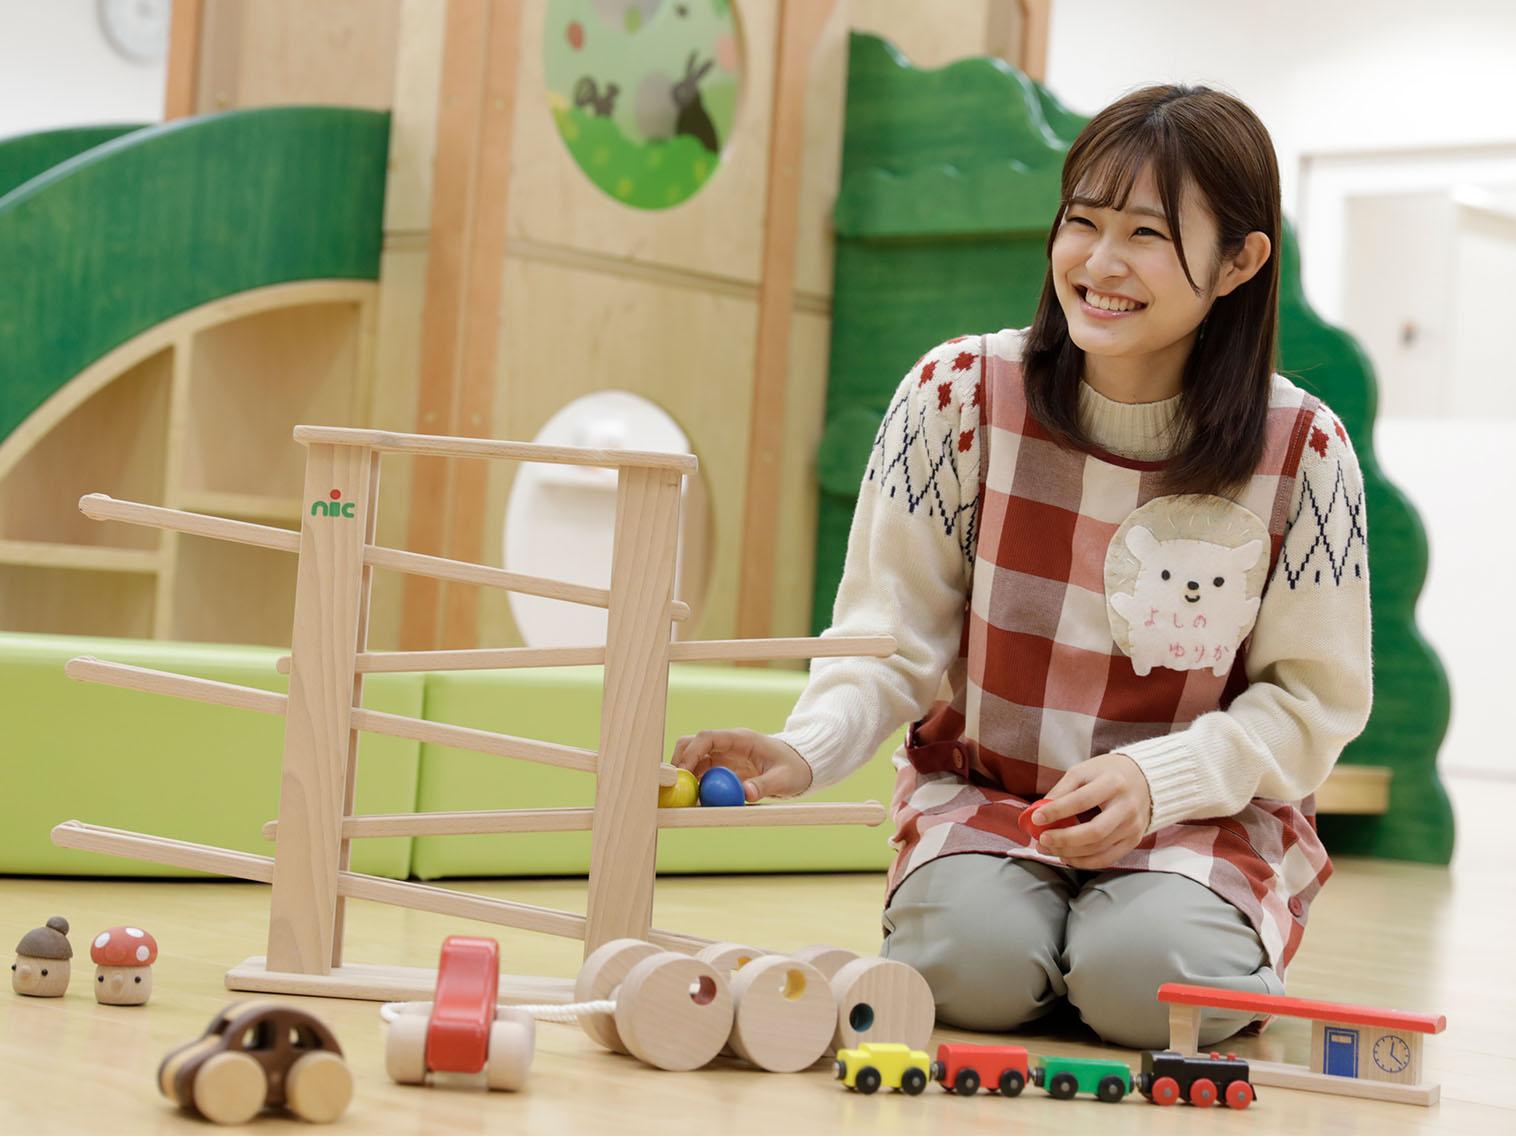 吉野 有吏香さんの写真